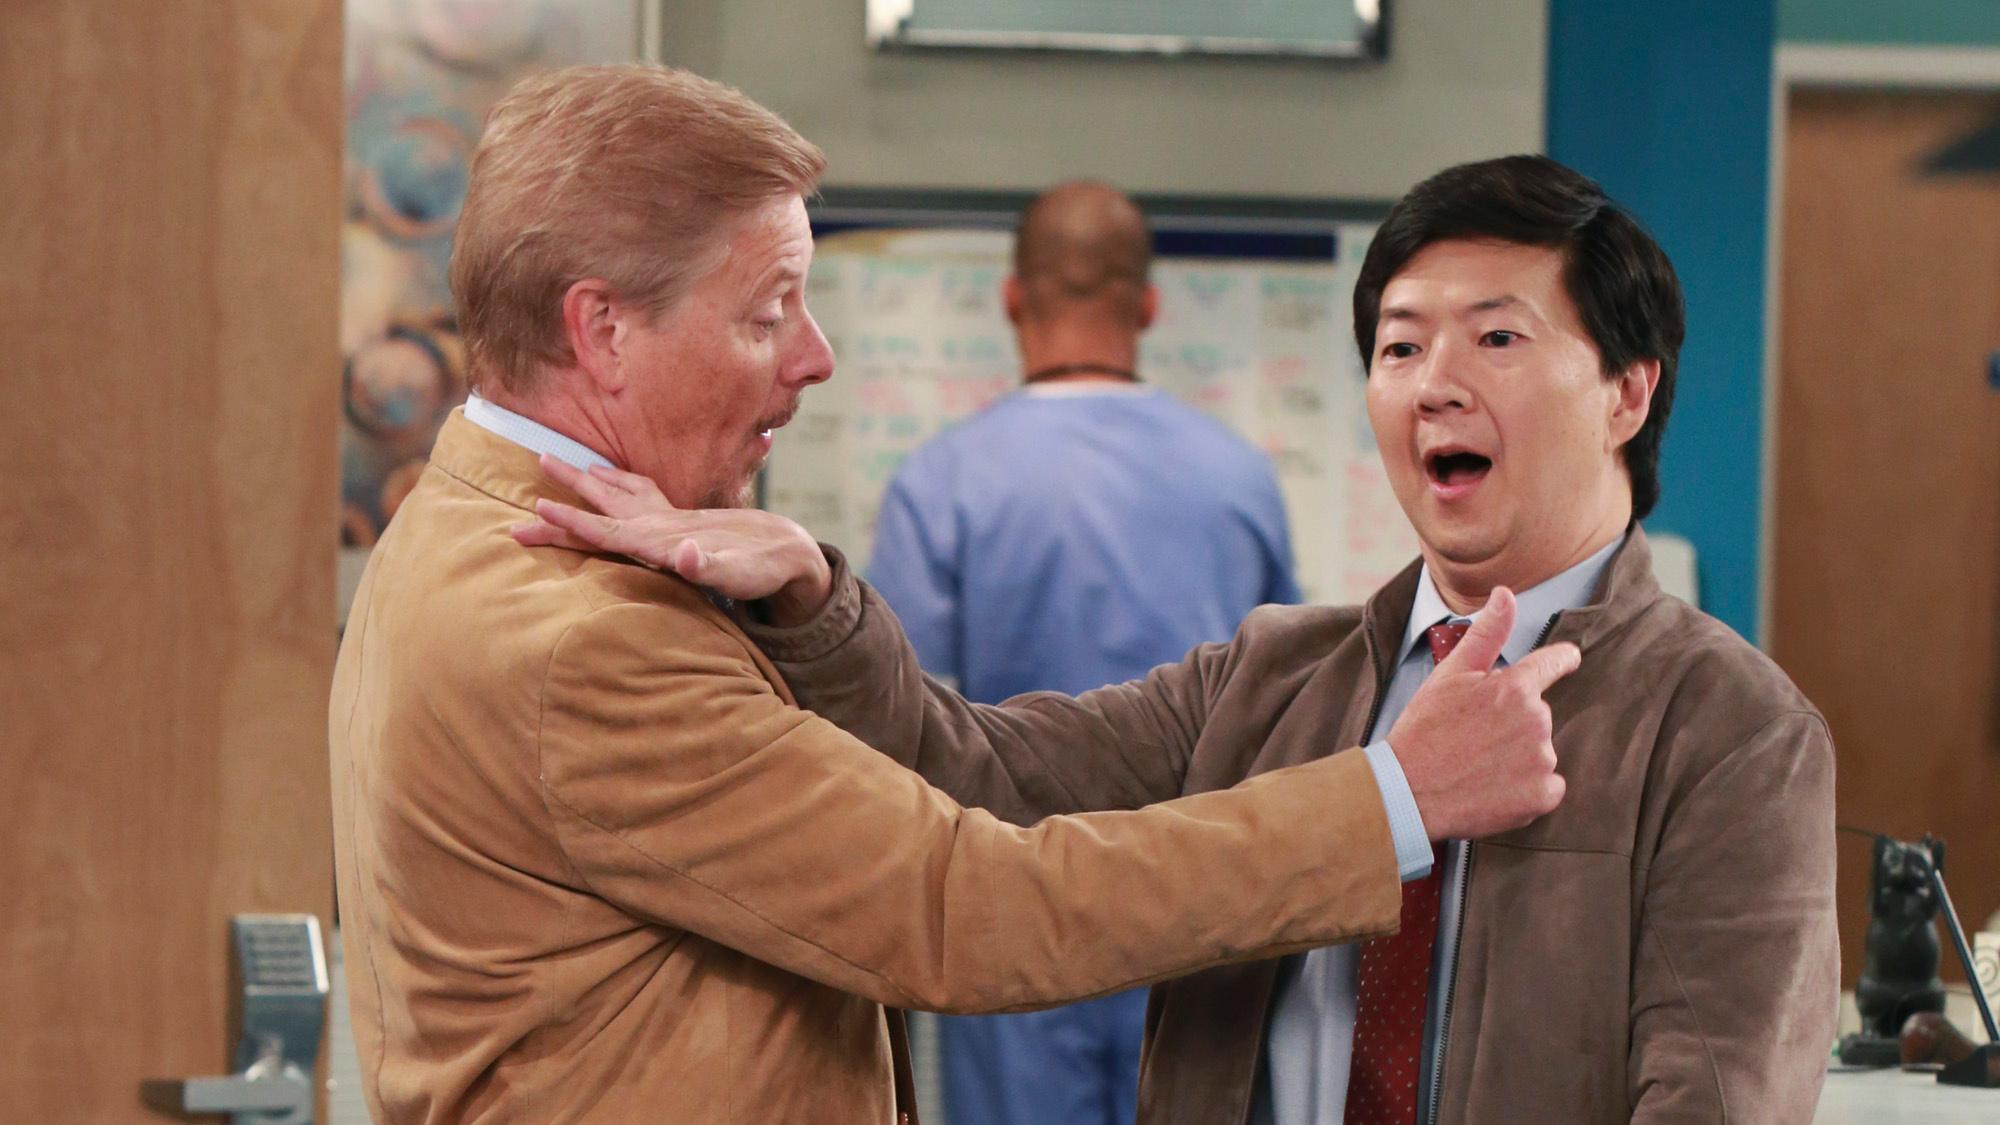 Dr. Ken Season 3